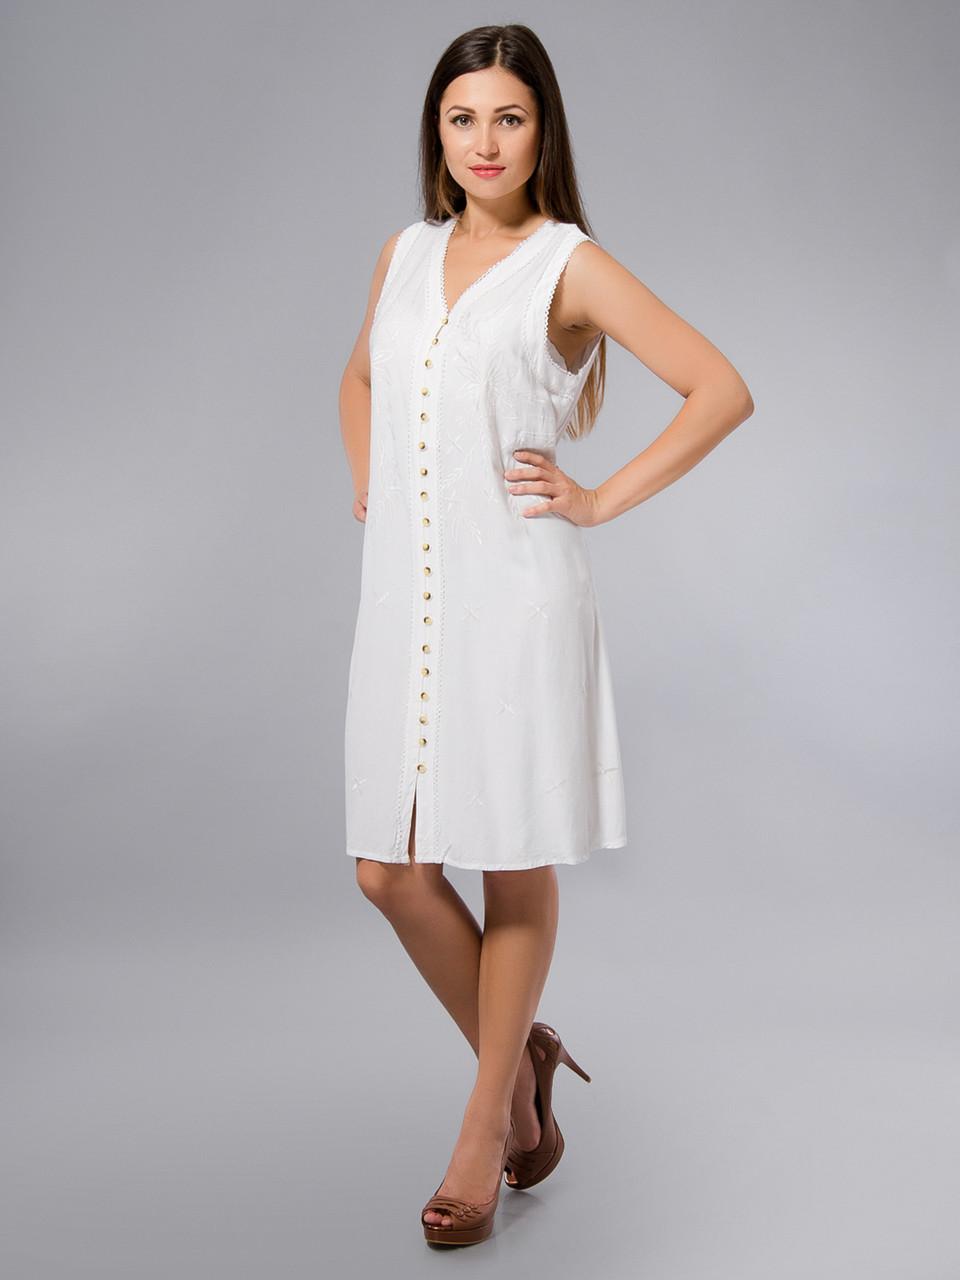 6f452cd43525a35 Платье -халат, белое, хлопок, Индия, на 44-52 размеры, цена 340 грн ...